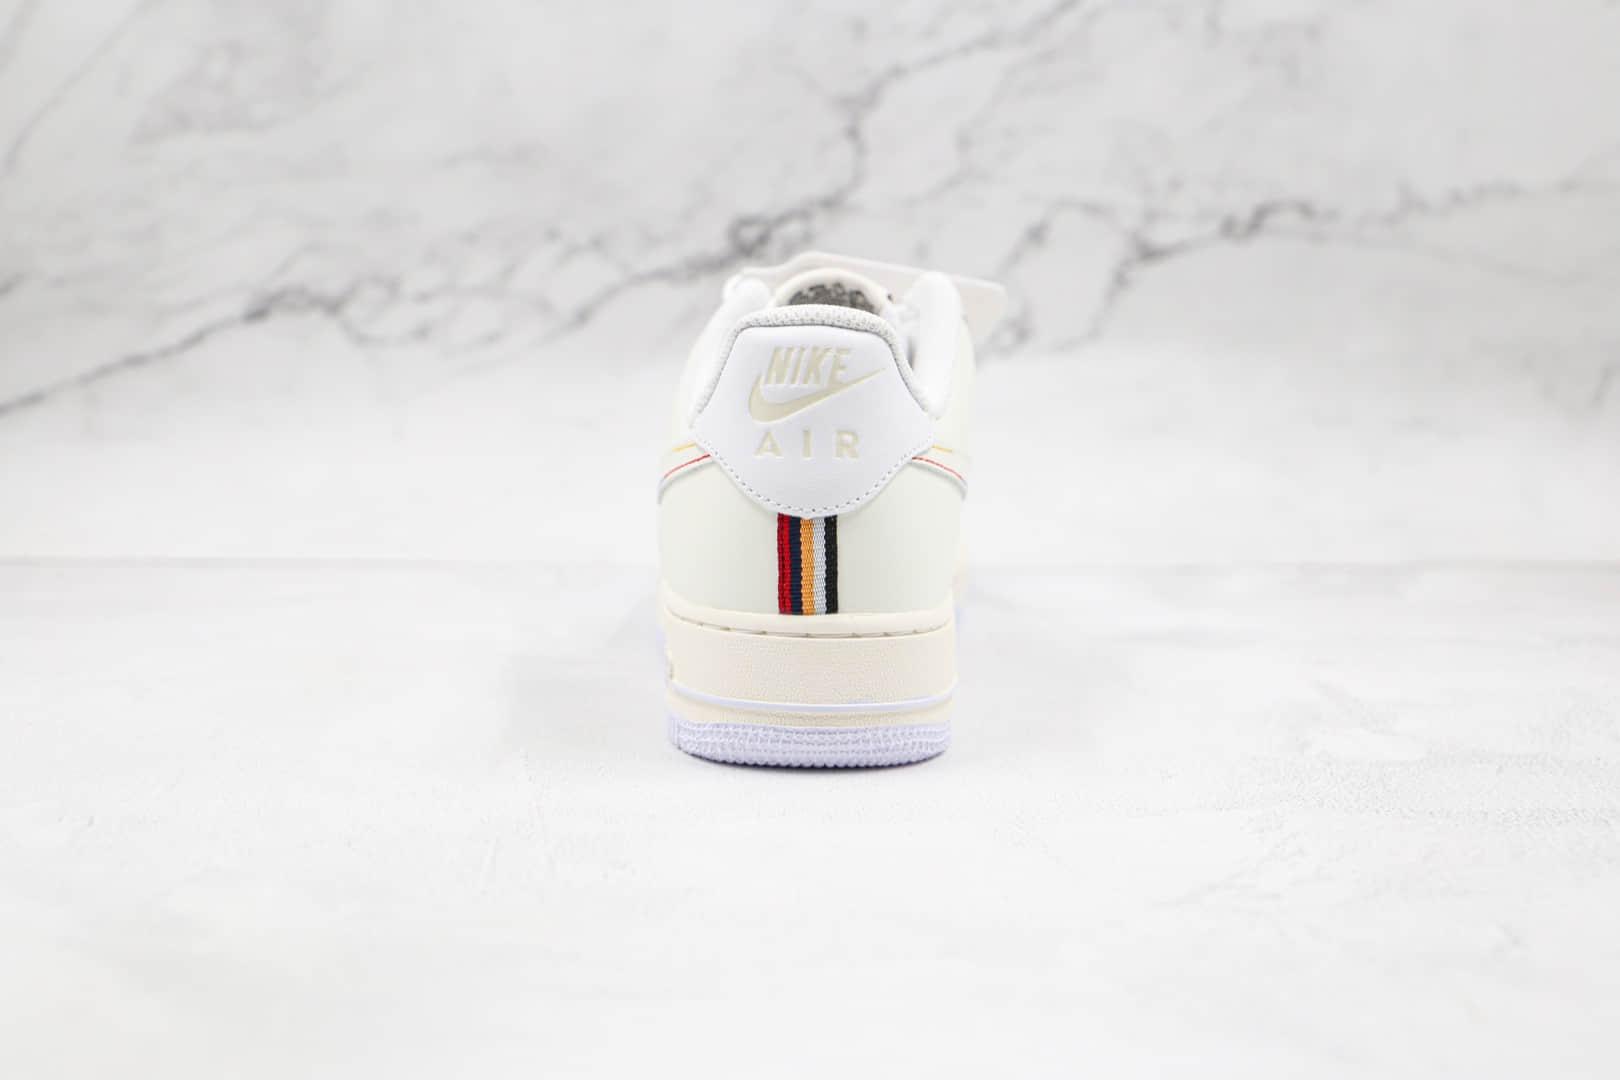 耐克Nike Air Force 1 Low纯原版本低帮空军一号白色字母印花韩文印花刺绣板鞋内置气垫 货号:DC9556-300